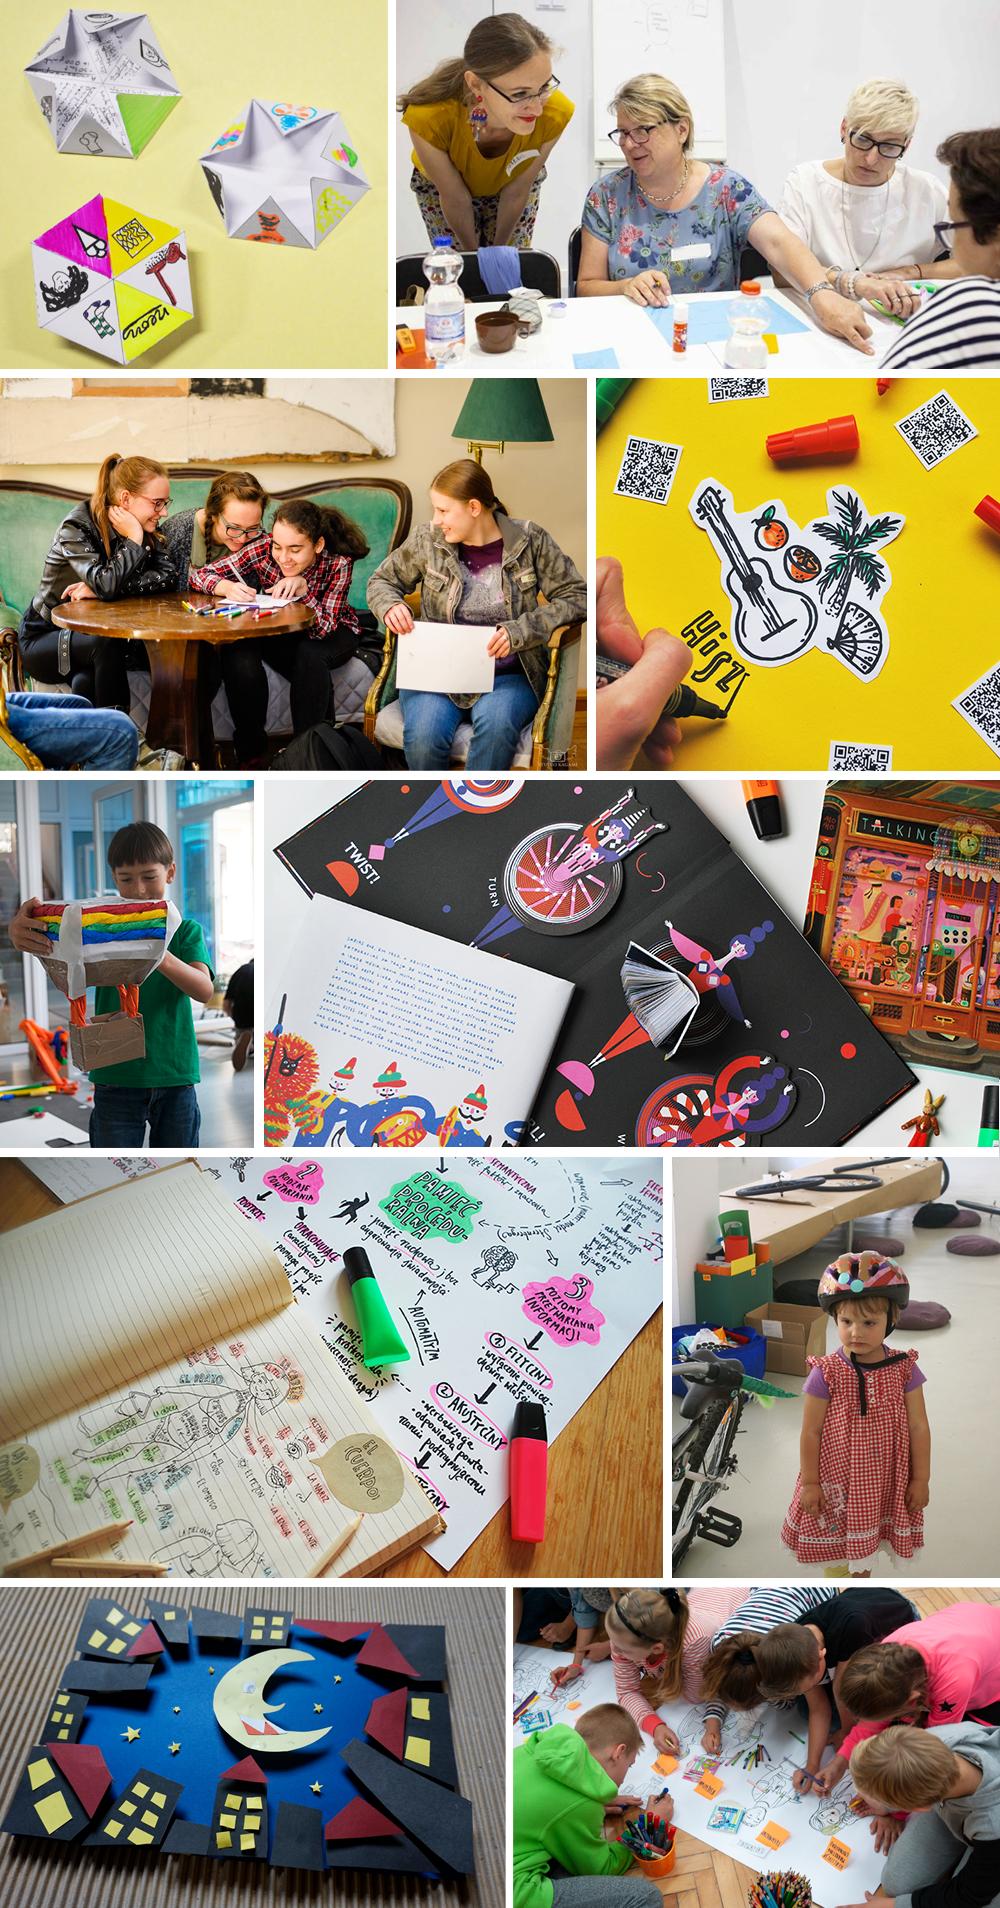 Kolaż ze zdjęć przedstawiający pracę uczestników i uczestniczek warsztatów, kolorowe pomoce dydaktyczne, prace autorki.